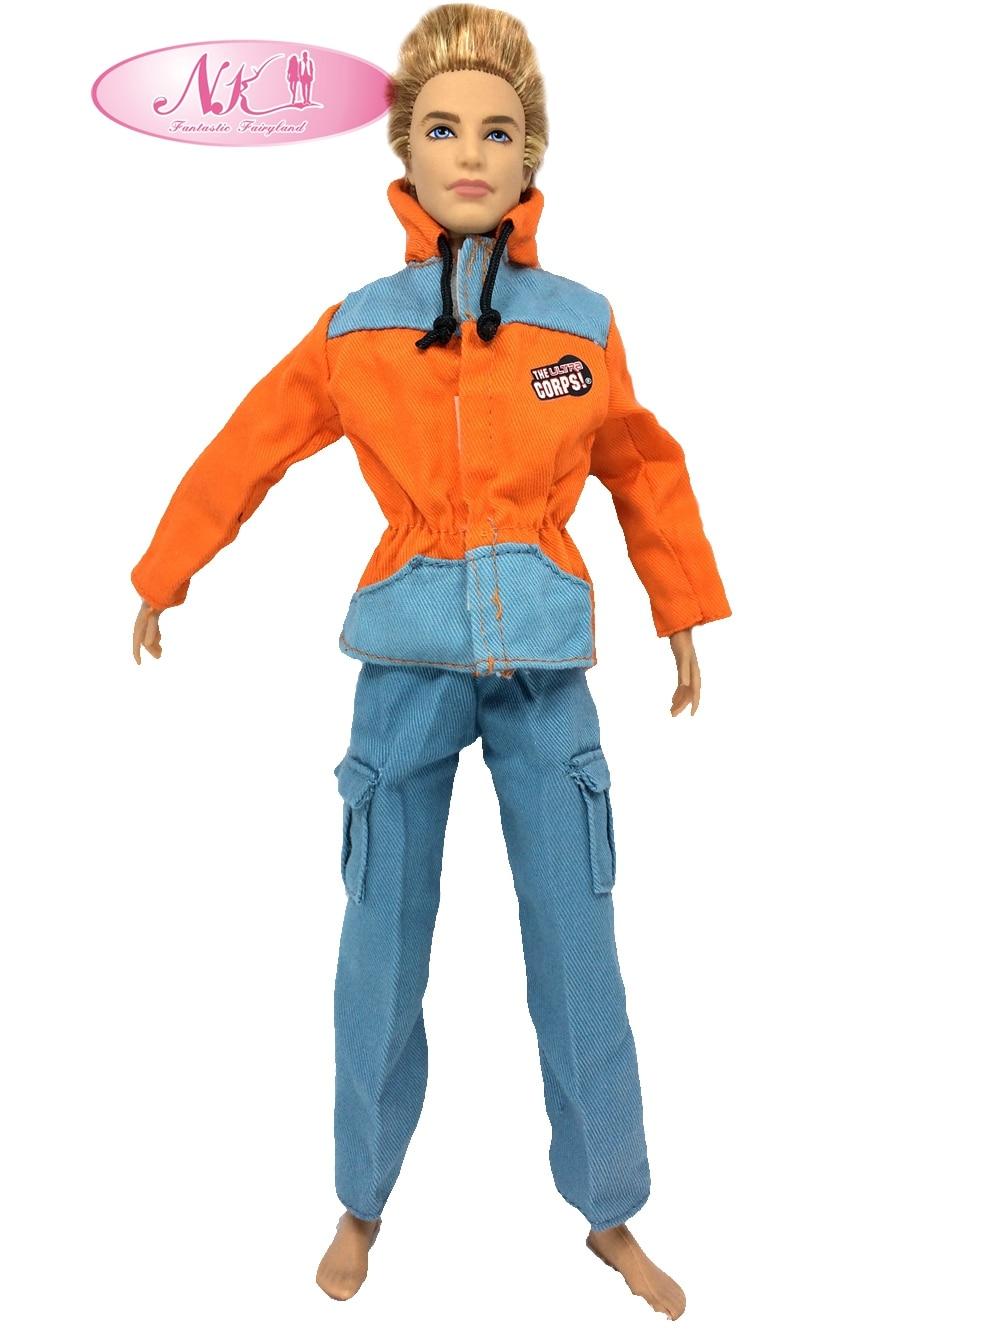 NK Prince Clothes Combat Polis Uniform Cop Outfit För Barbie Boy Man Ken Doll För Lanard 1/6 Soldier Bästa Present 015A